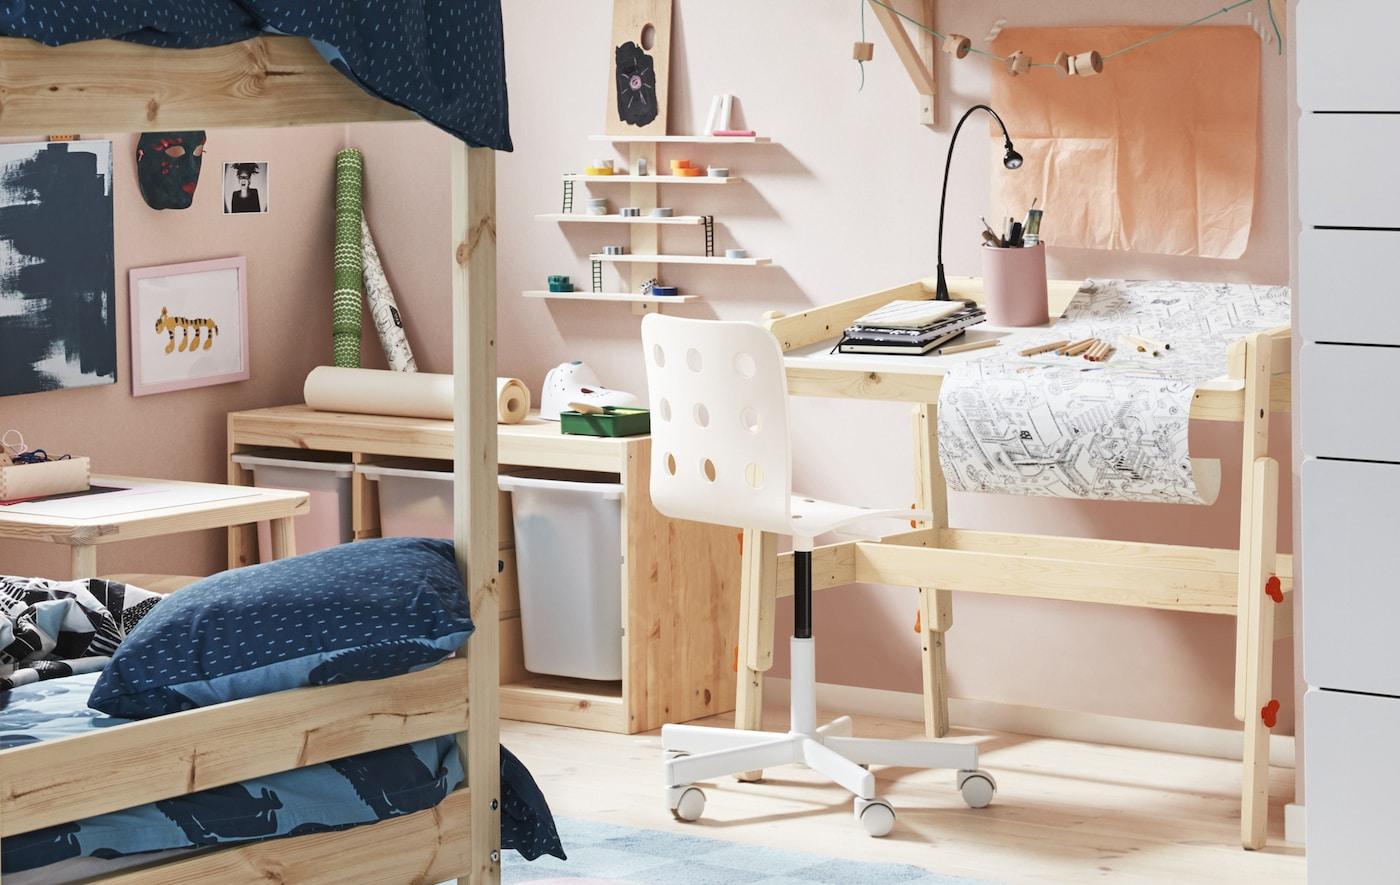 Barnrum inrett/målat i ljusrosa med ljusa trämöbler inklusive ett skrivbord och en våningssäng.